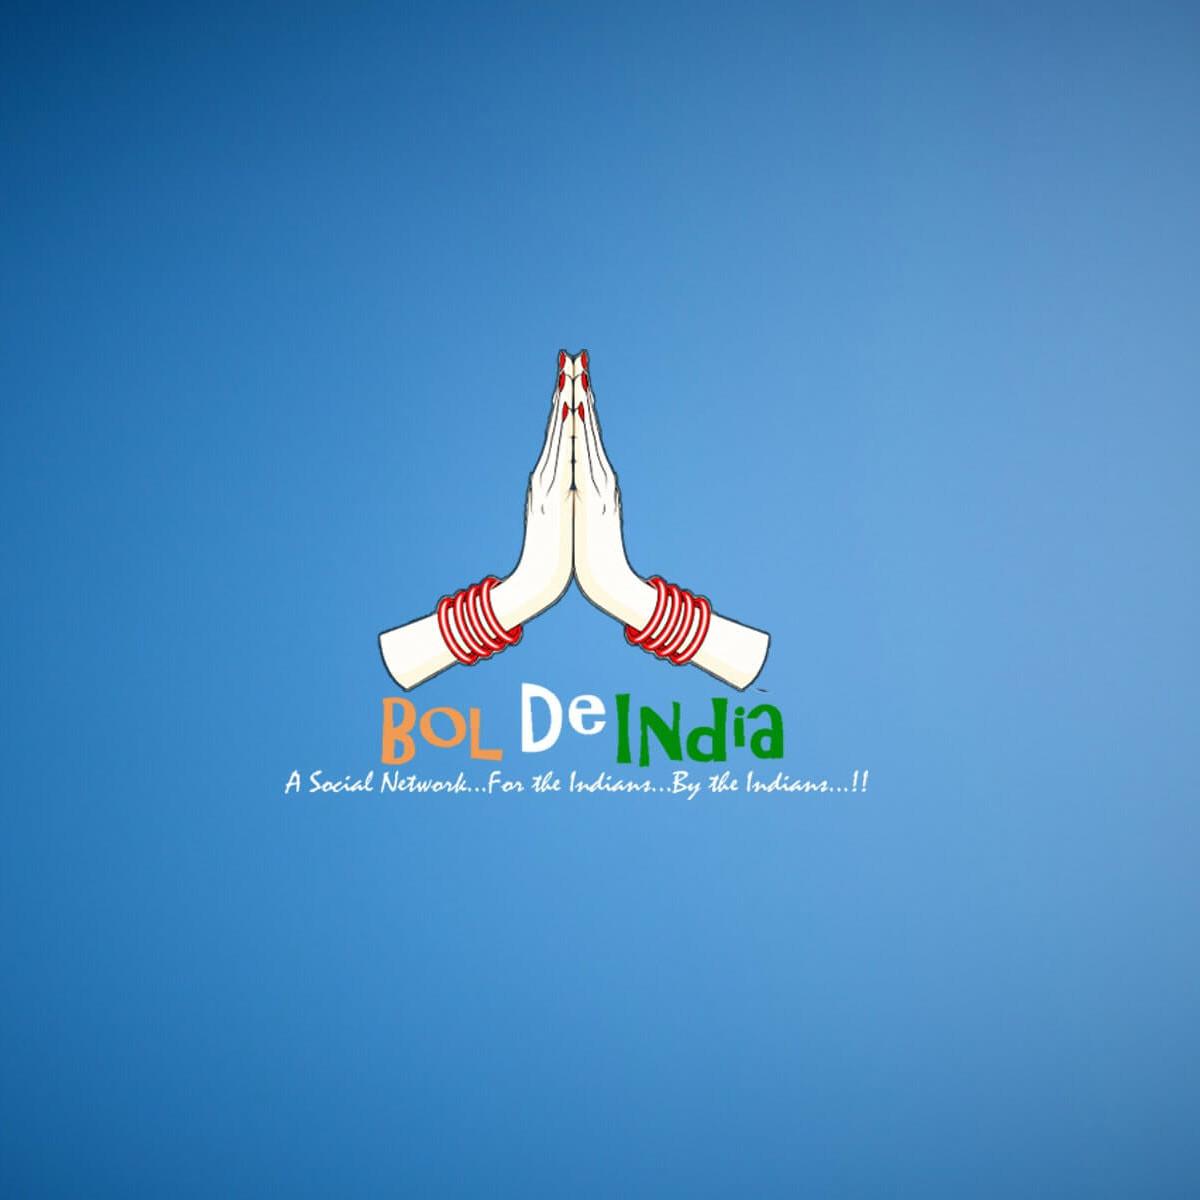 Bol De India